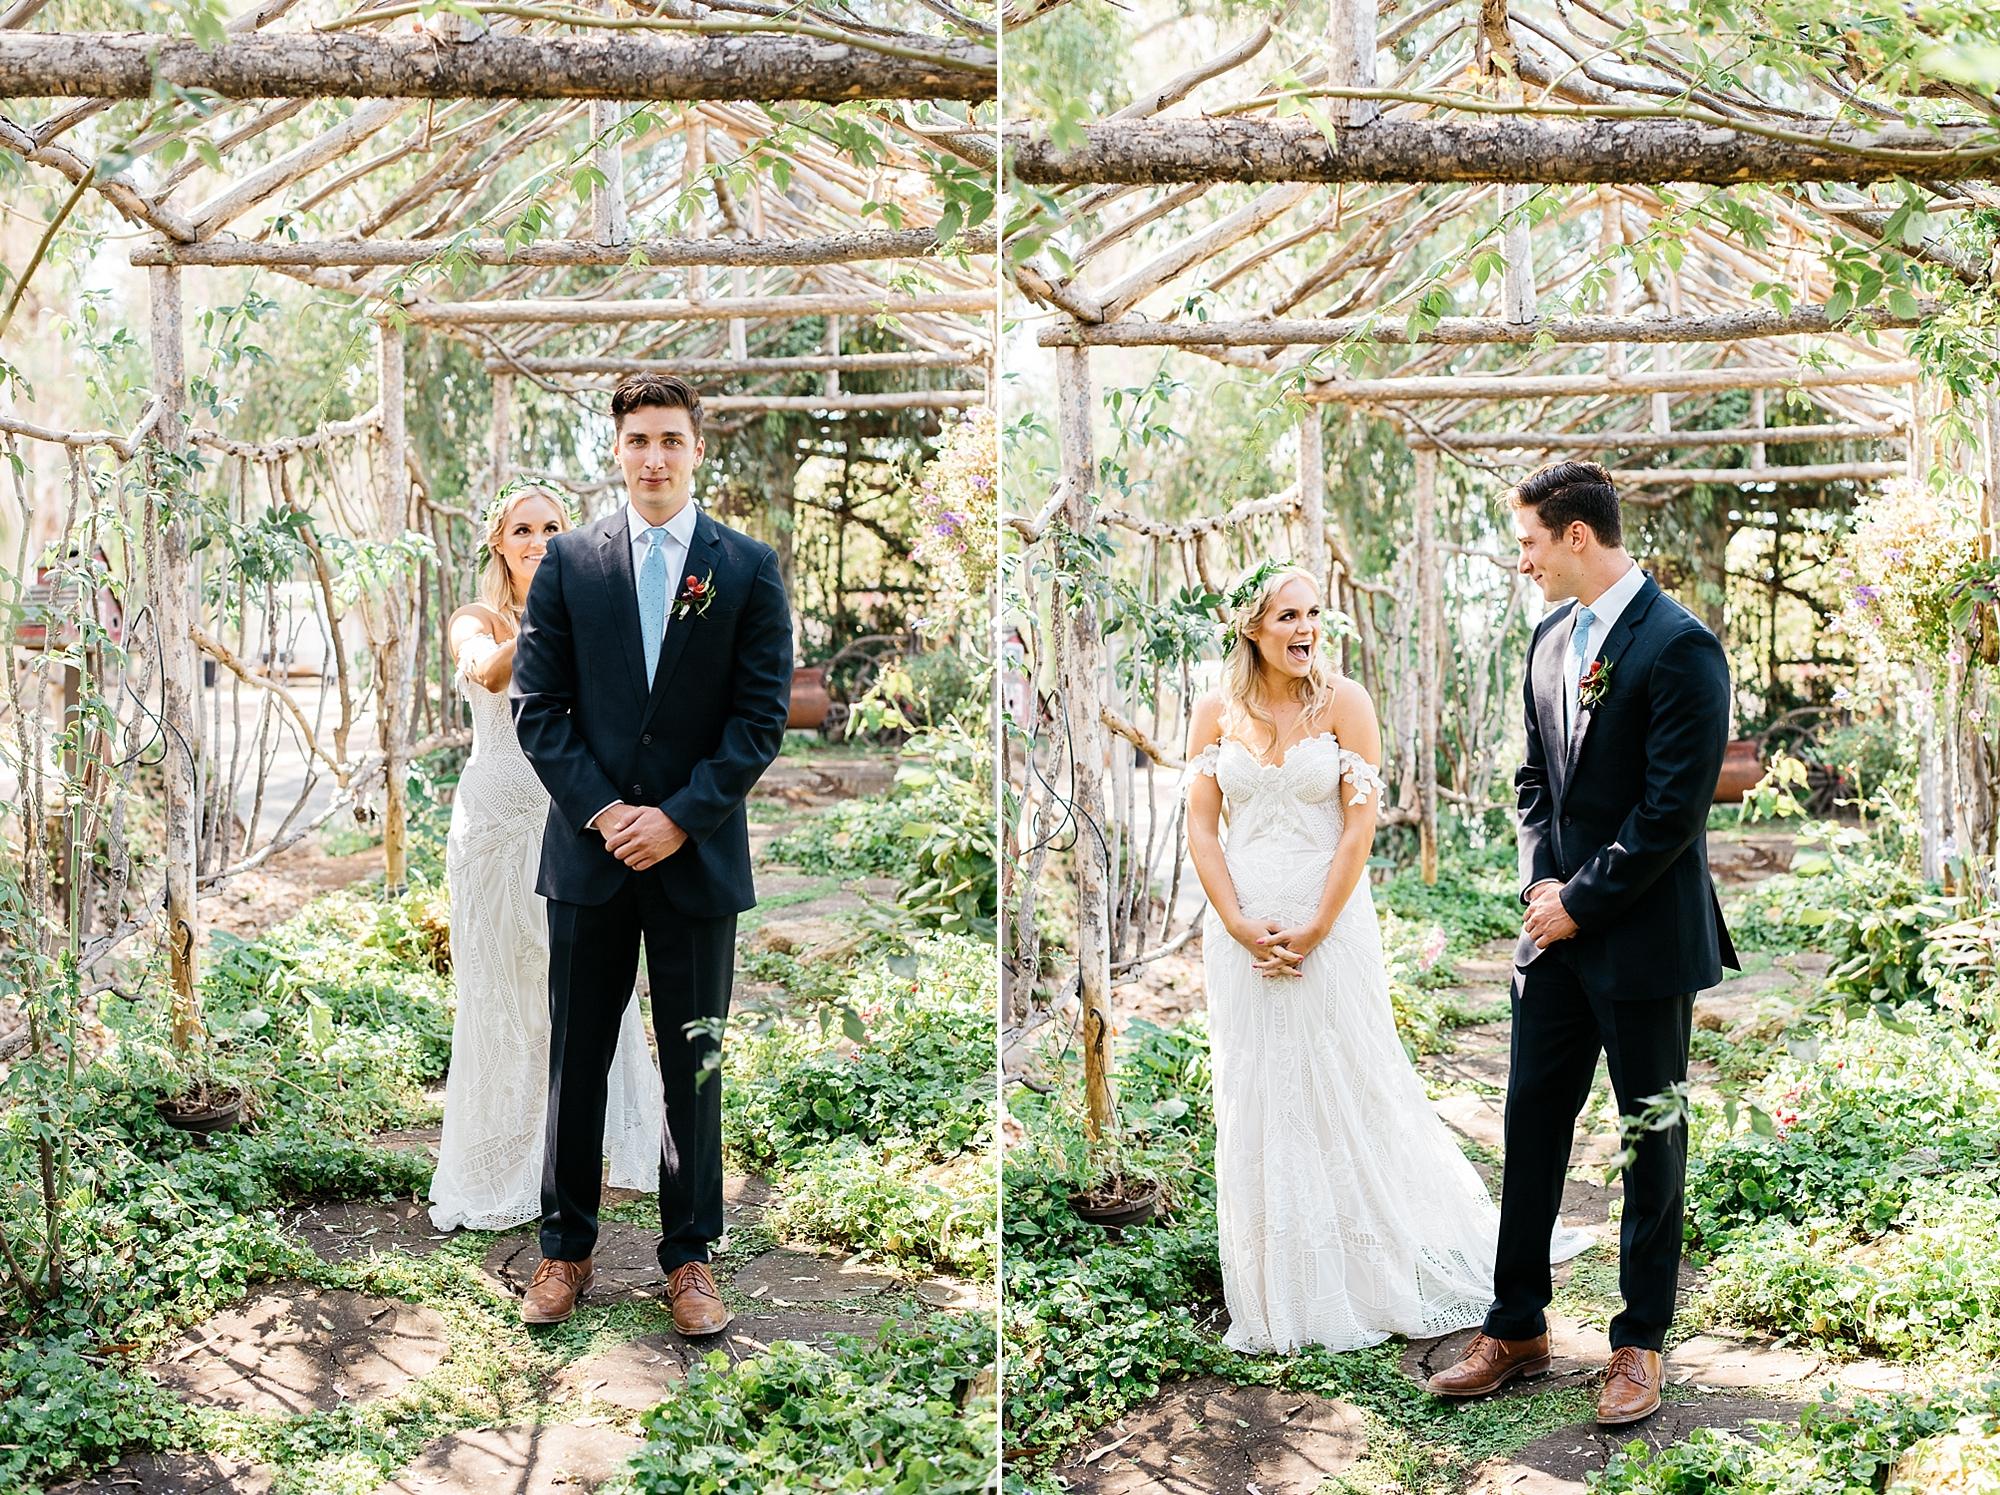 christina-cory-wedding003_WEB.jpg